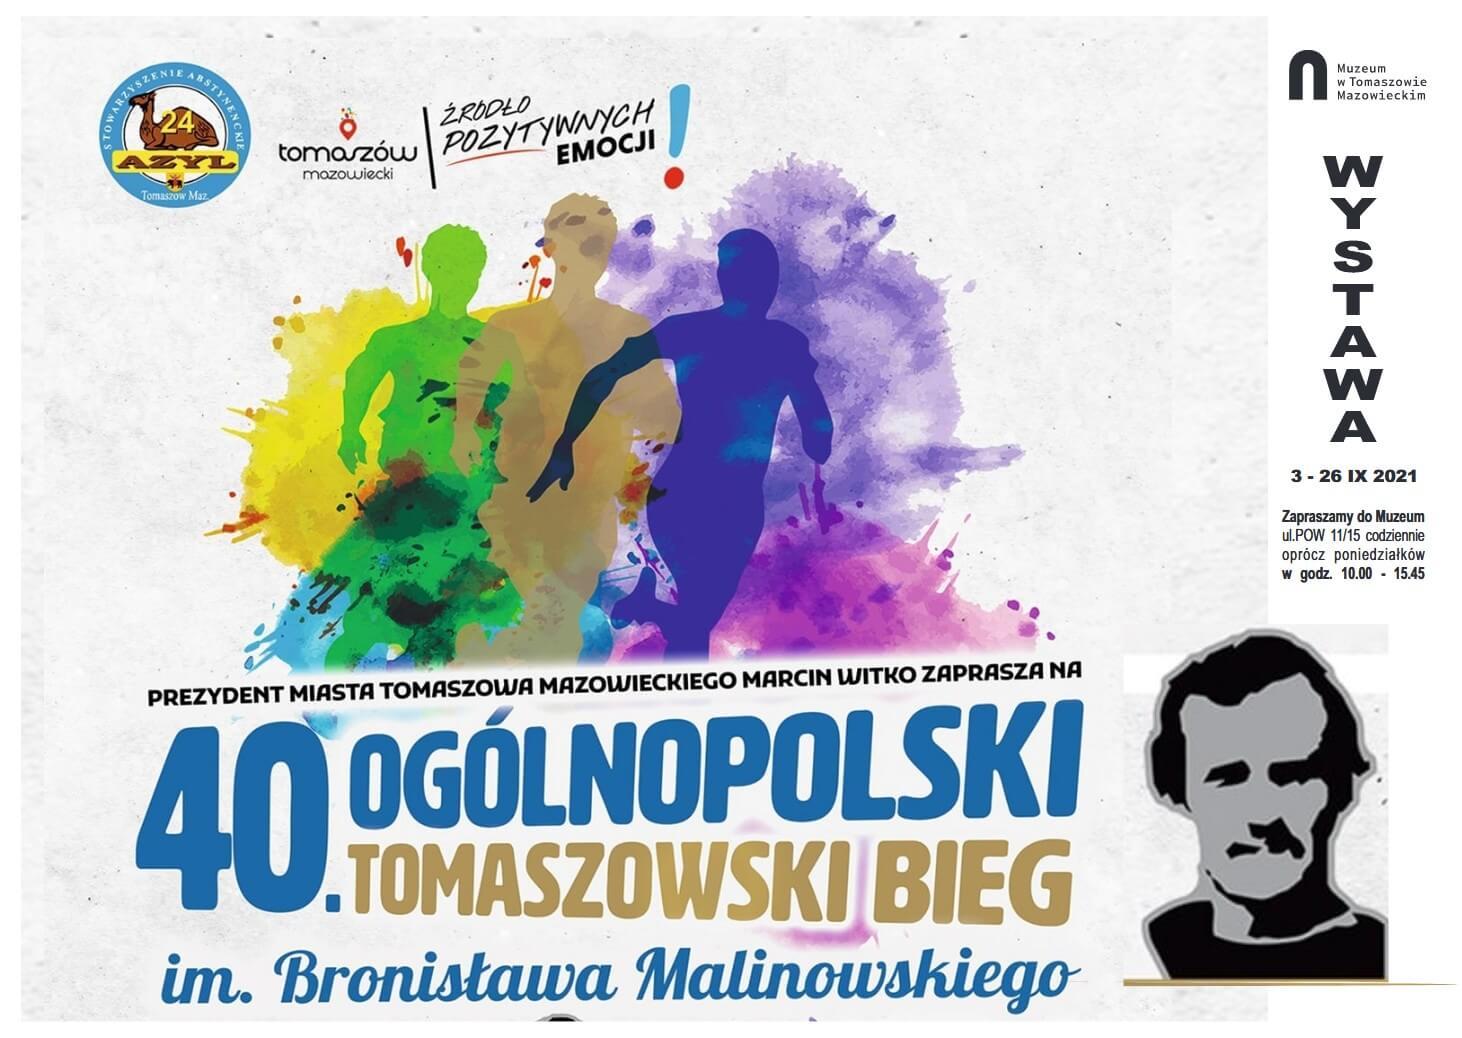 40. Ogólnopolski Tomaszowski Bieg im. Bronisława Malinowskiego - WYSTAWA